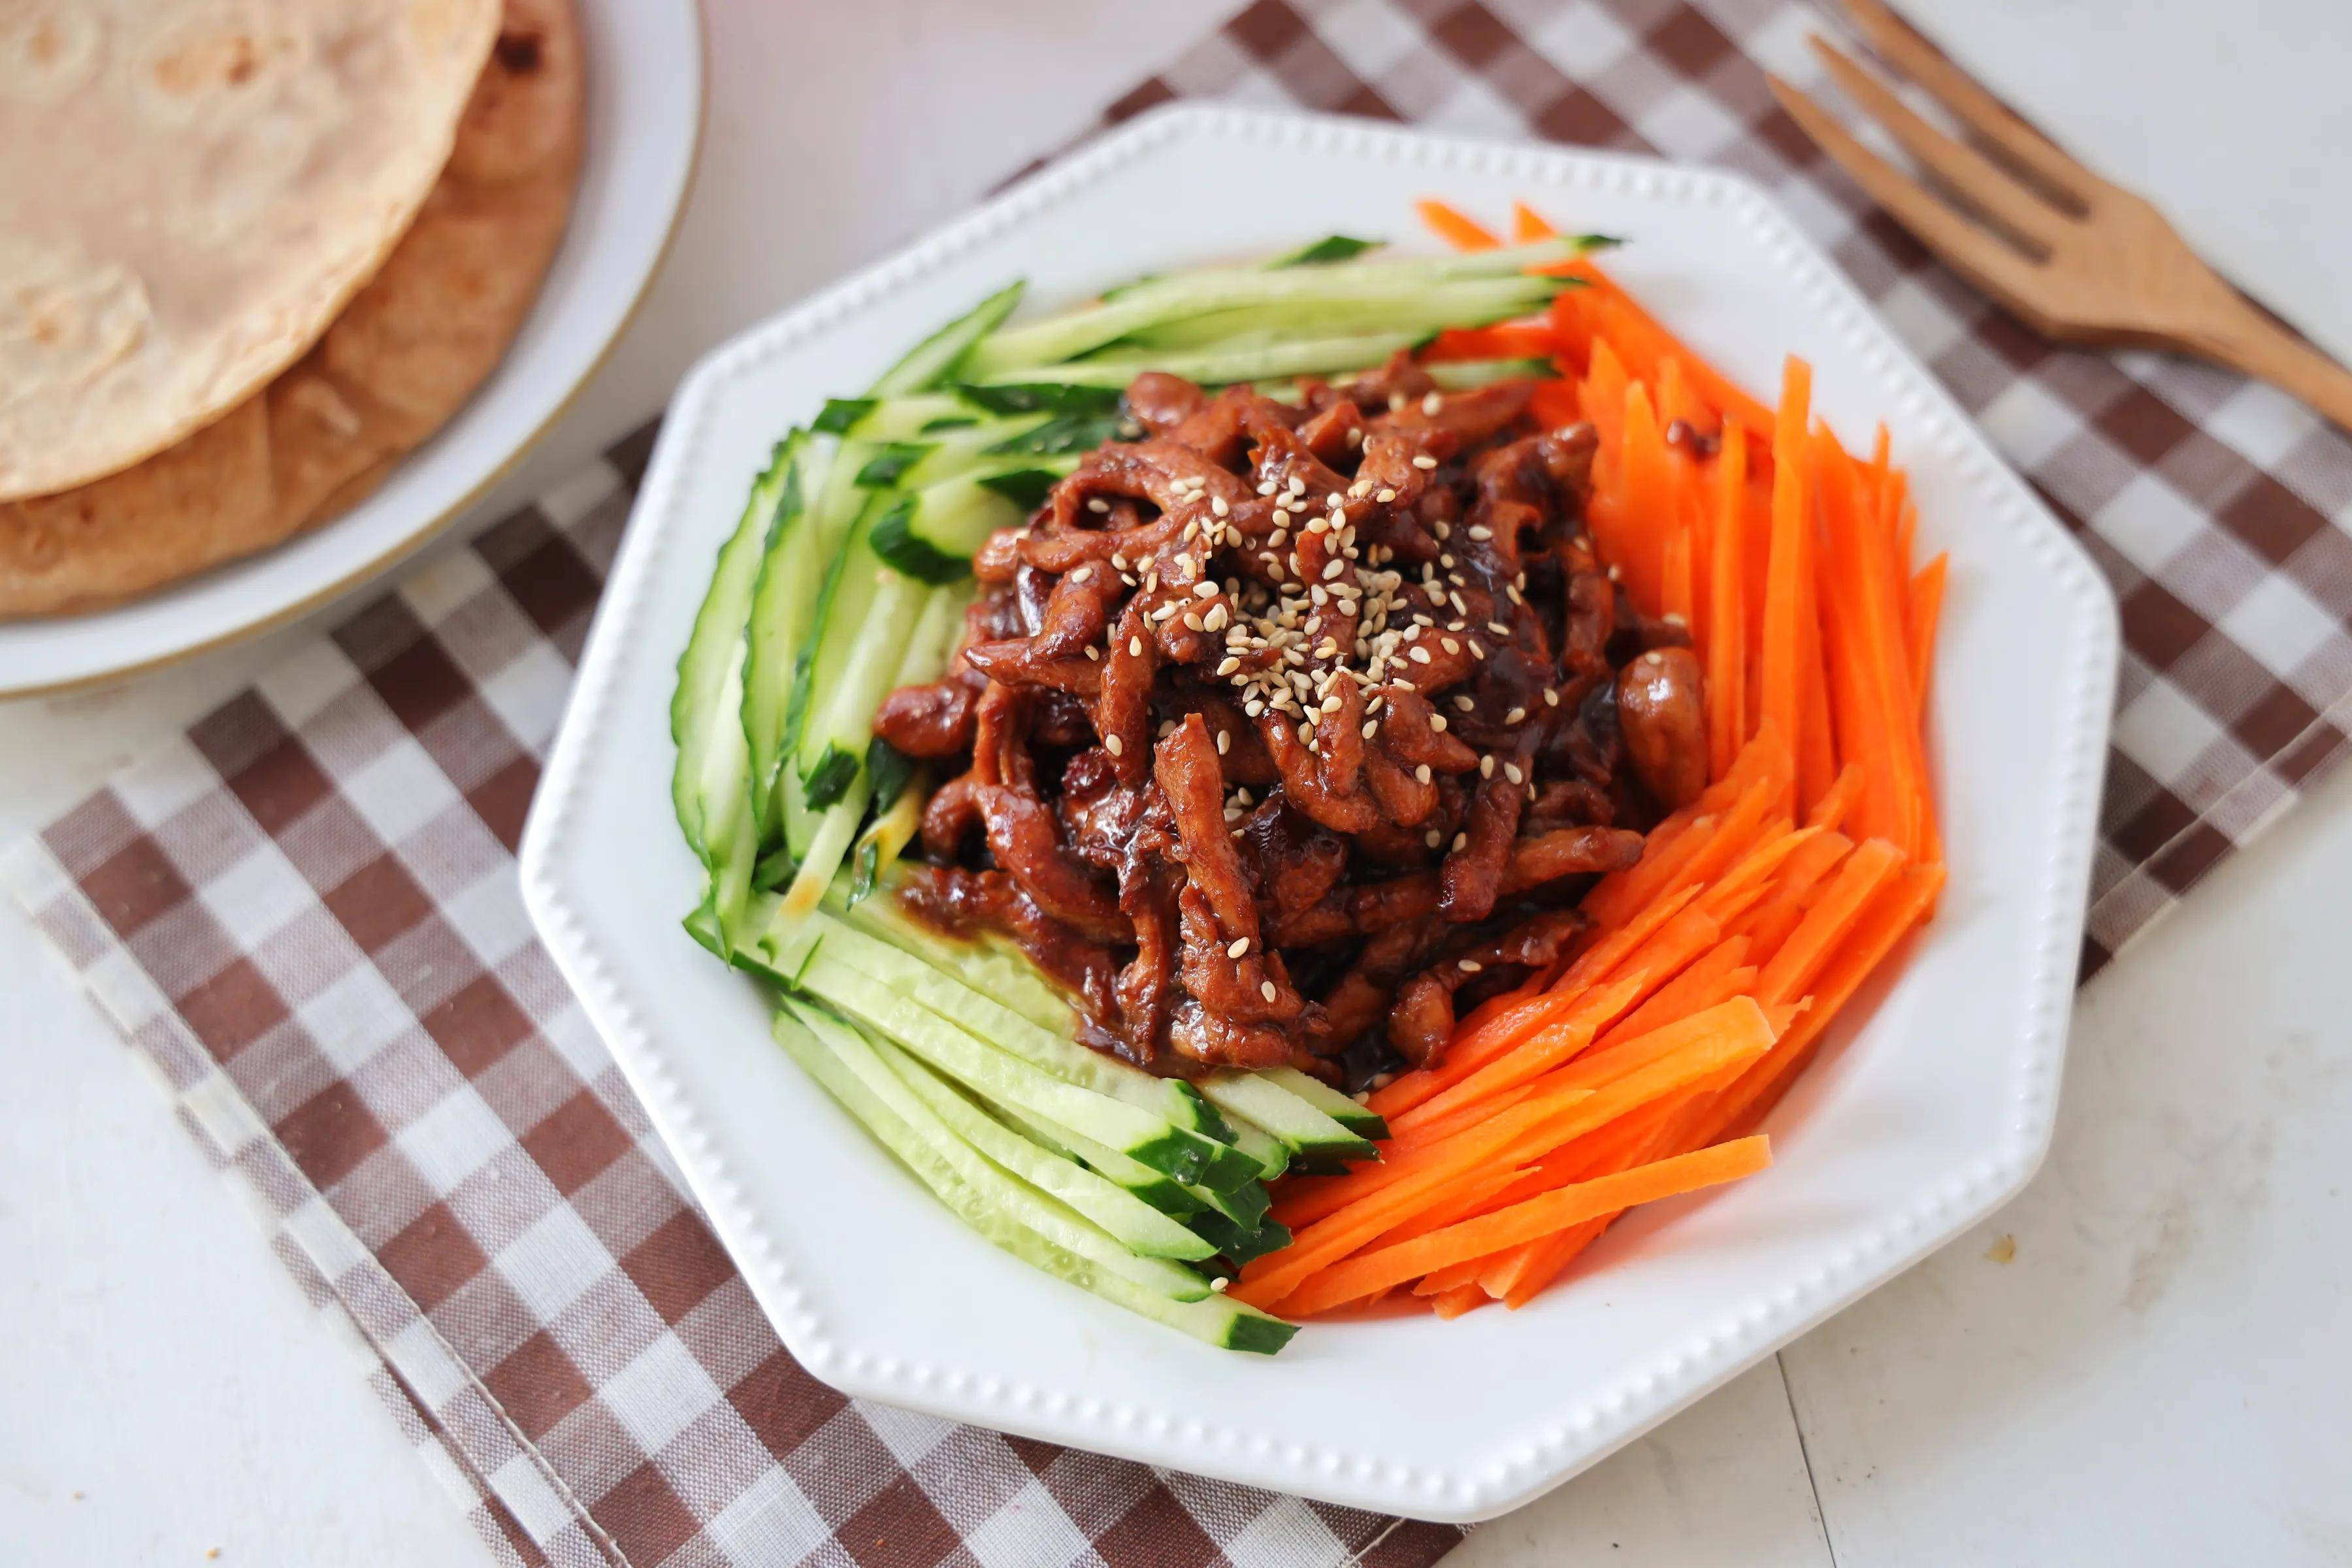 减脂餐推荐,有菜有肉有主食,一招就搞定!低脂饱腹又好吃